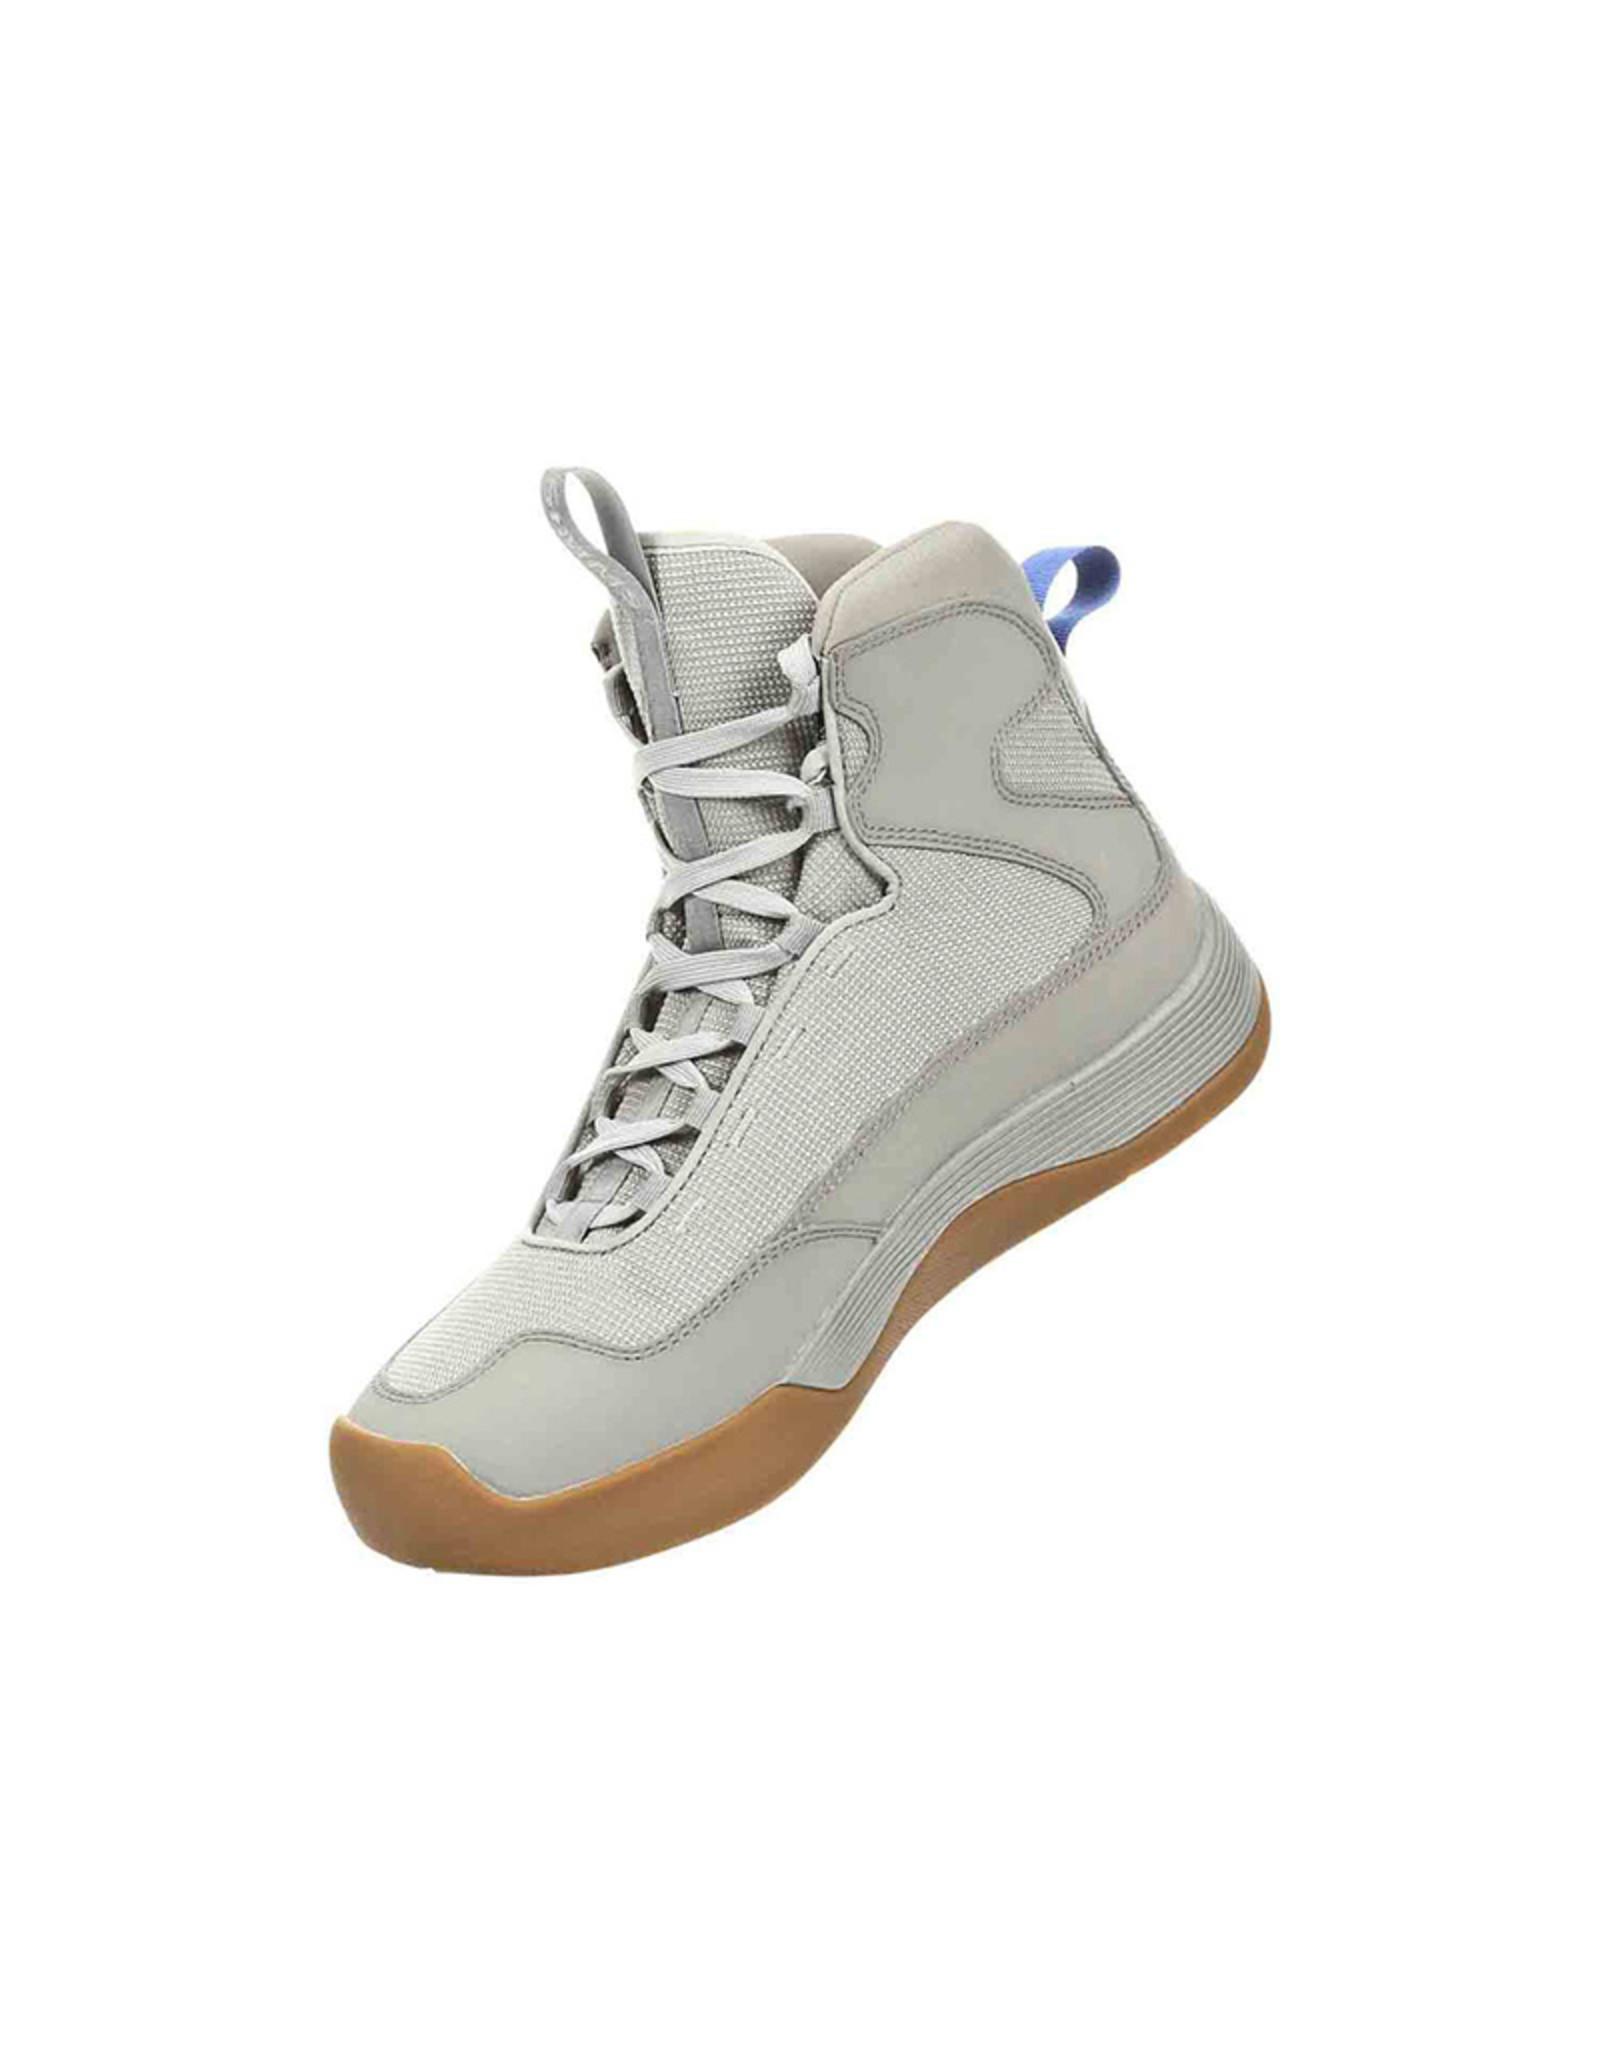 Simms M's Flats Sneaker